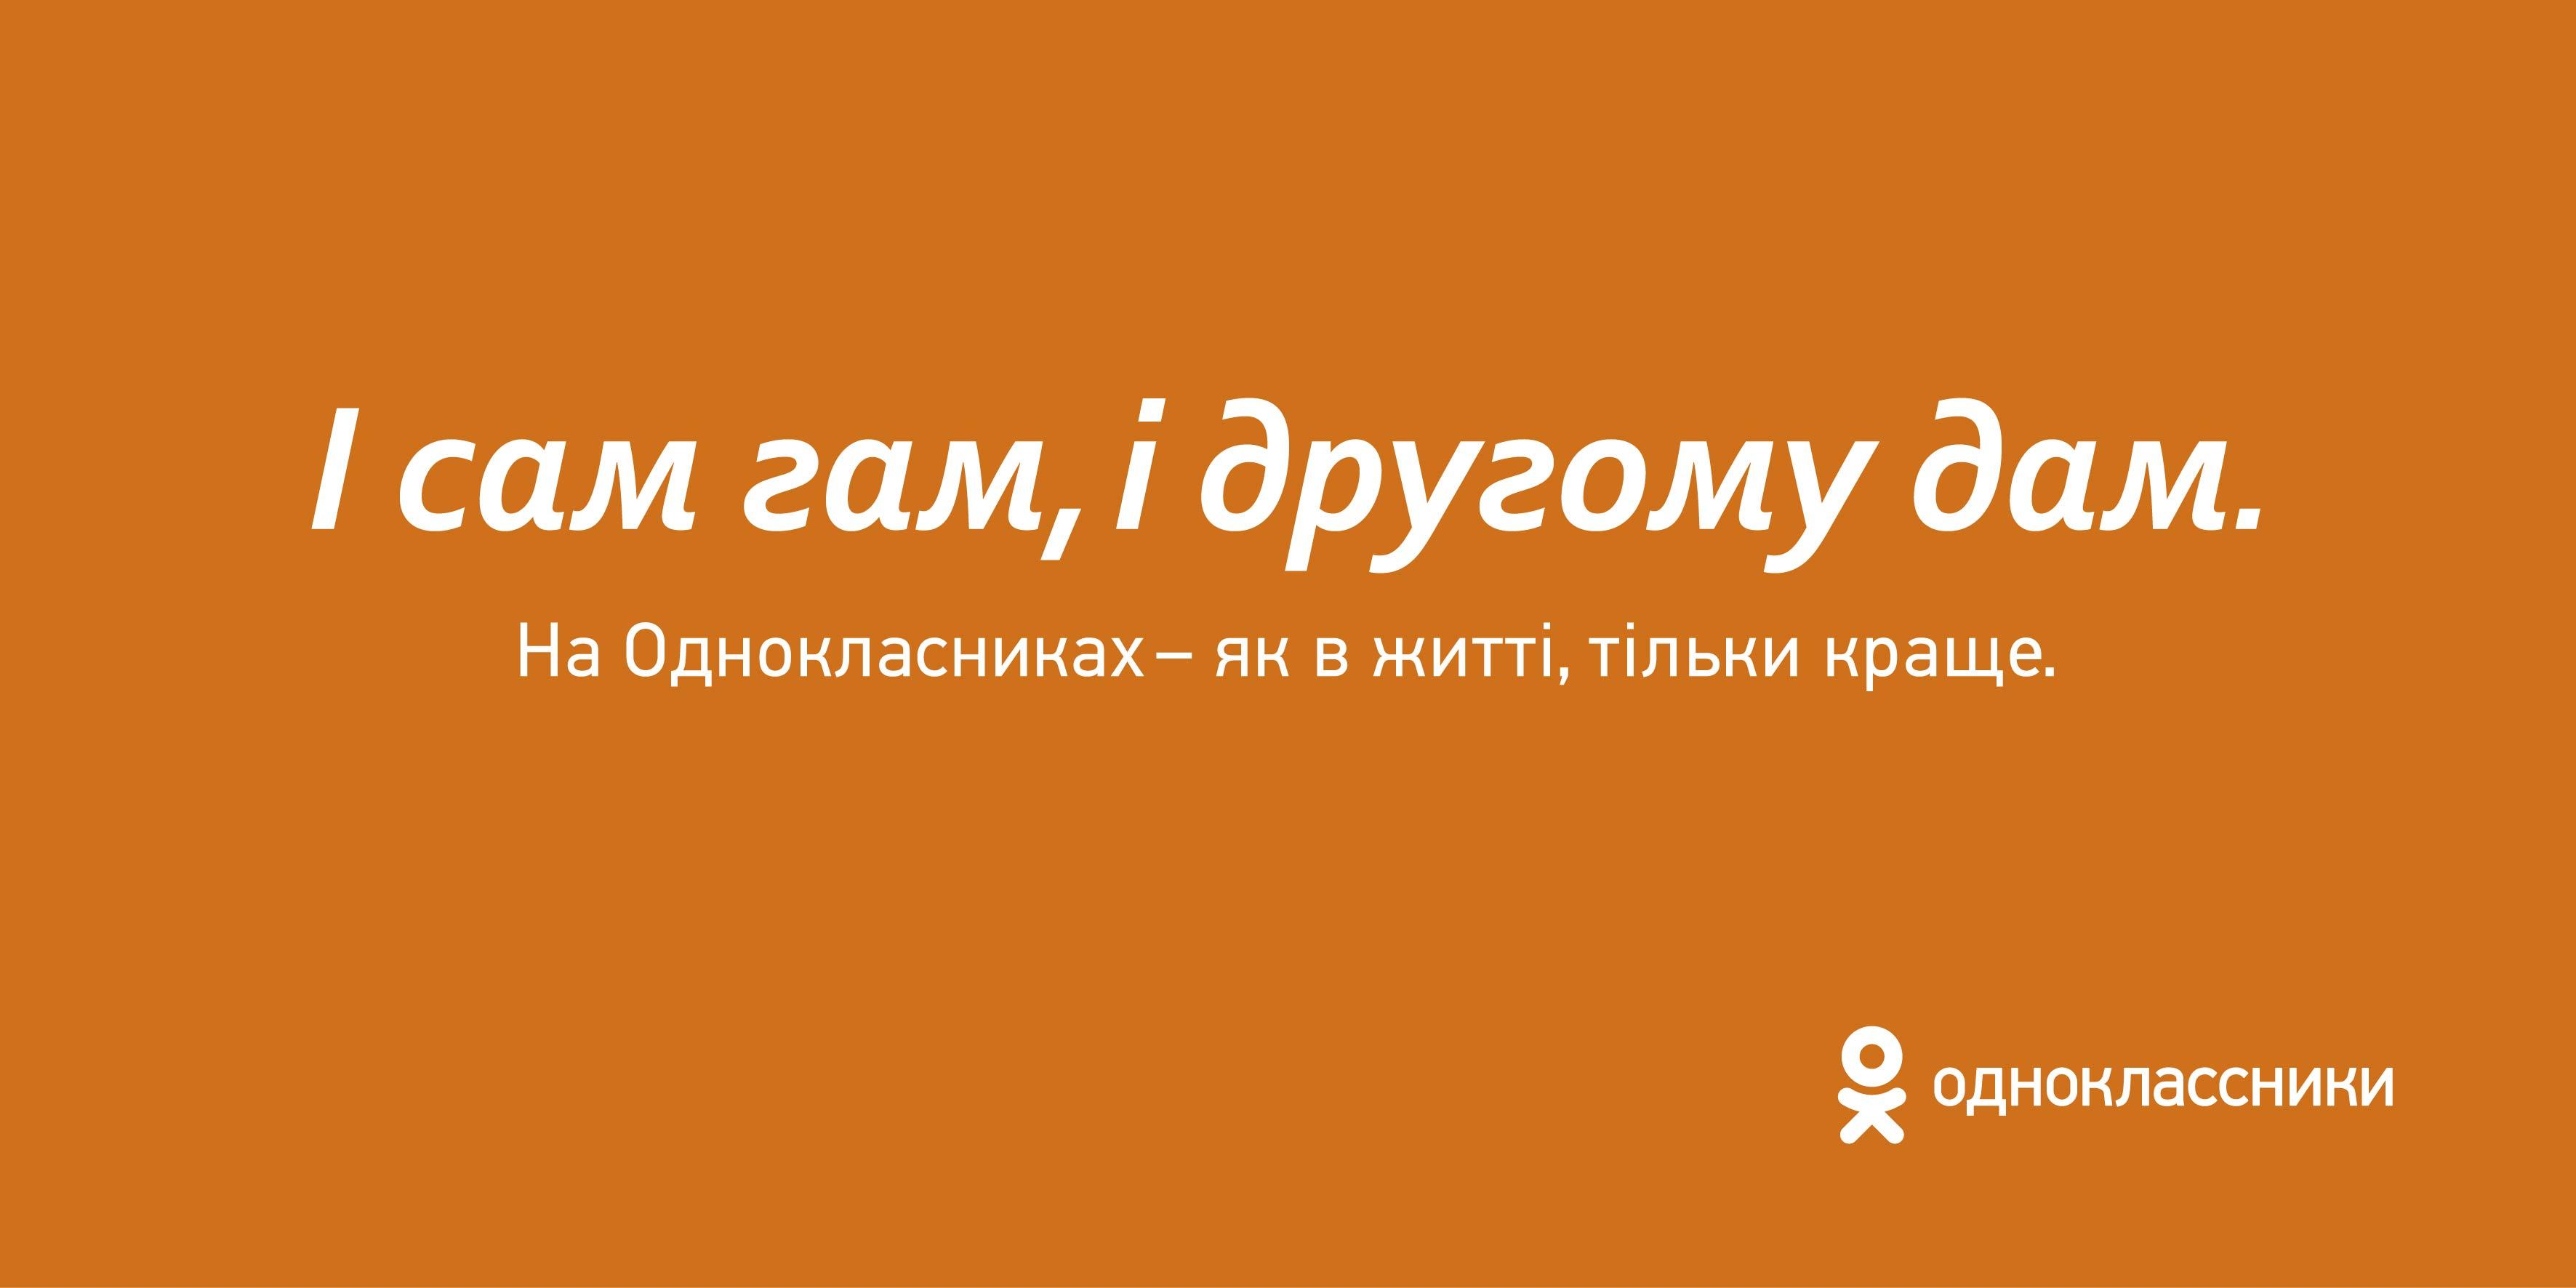 Социальная сеть Одноклассники запустила рекламную кампанию